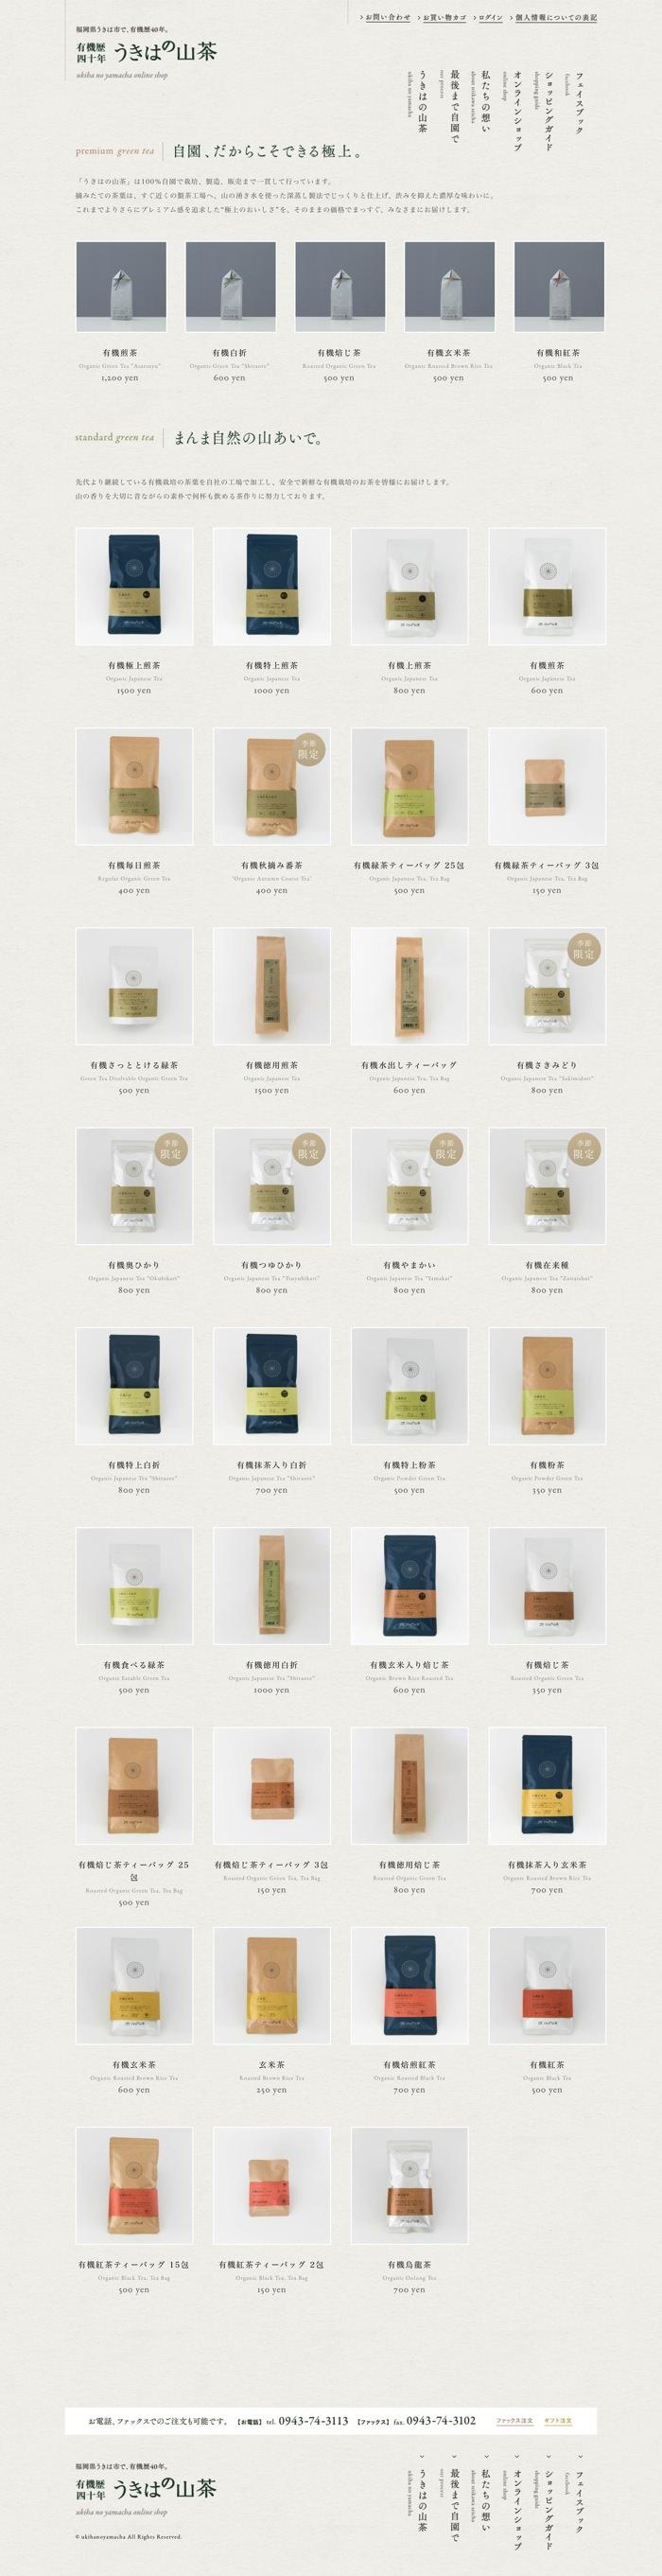 オンラインショップ | 有機栽培緑茶の通販 うきはの山茶 新川製茶